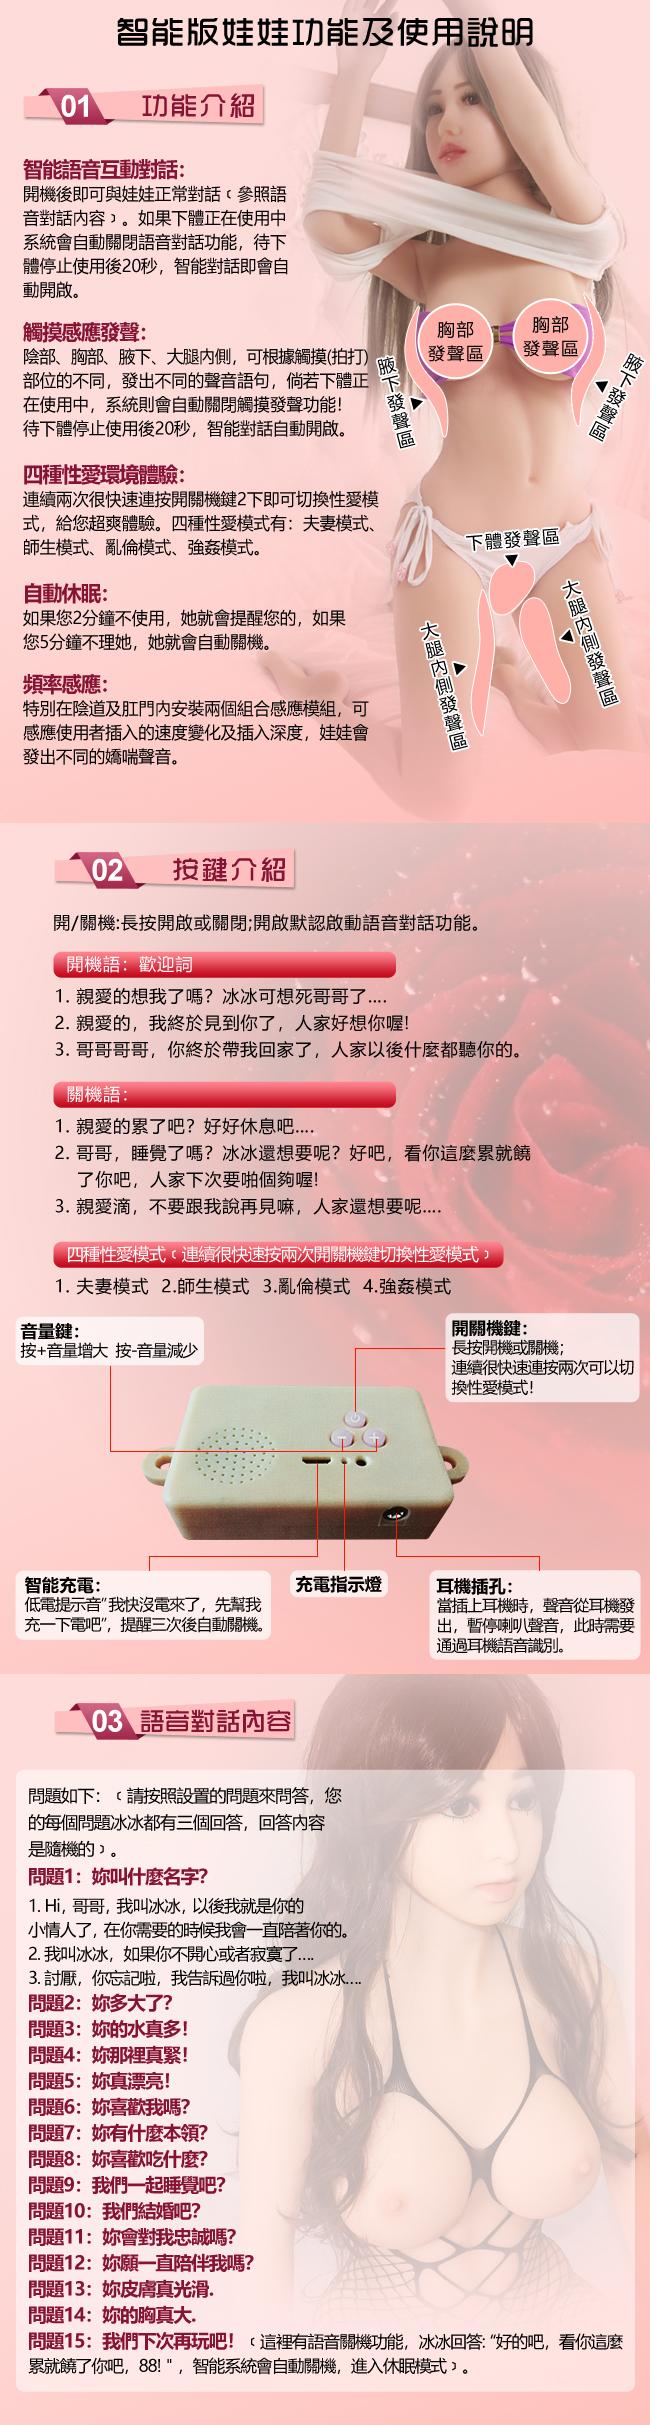 《 凌薇 Ling Wei - 輕熟女郎 》全實體矽膠真人智能版愛娃 5大特點+5種互動功能﹝165cm / 32kg﹞